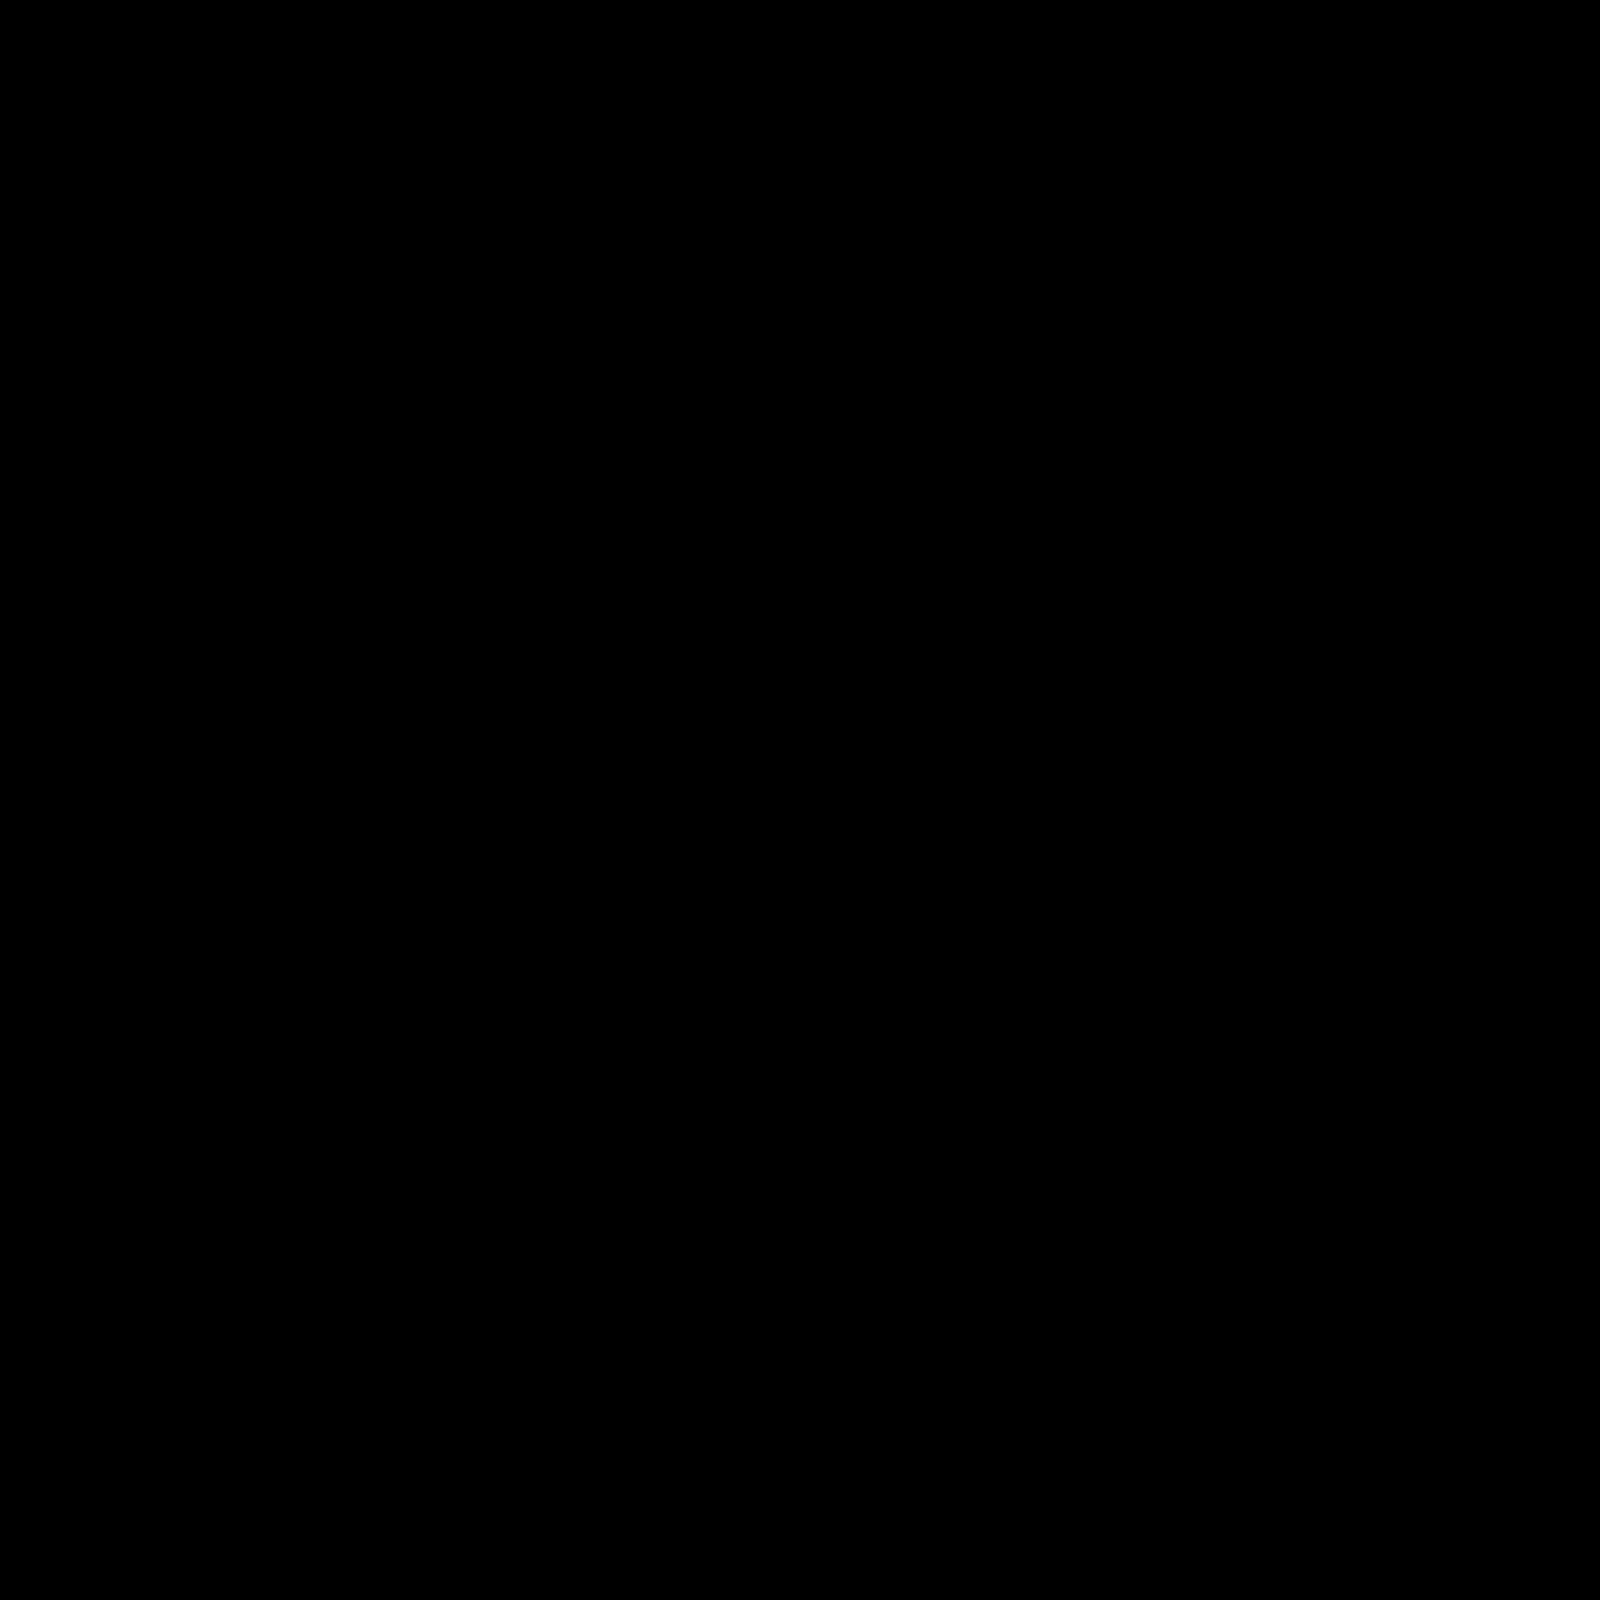 面包 icon. This icon is a elongated circle with little nodes going across the top to represent the folds of the dough in the bread making process